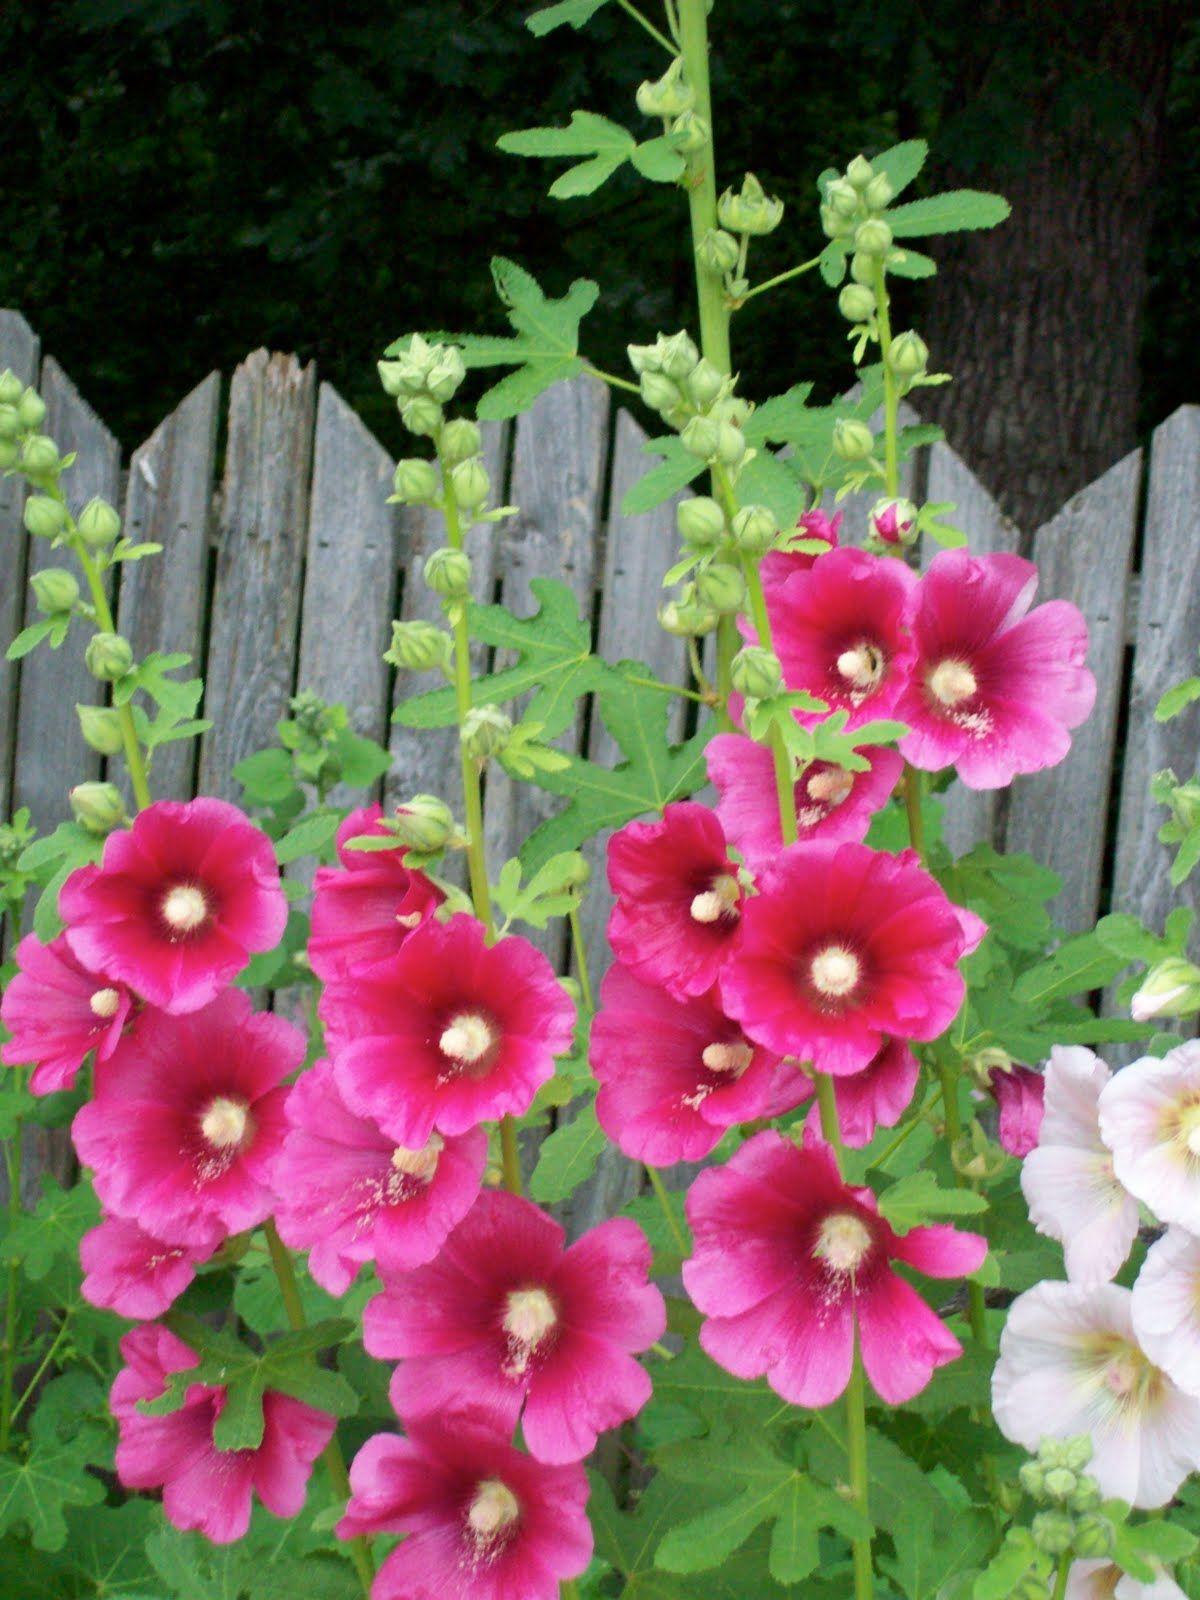 Holly Hocks Seeds